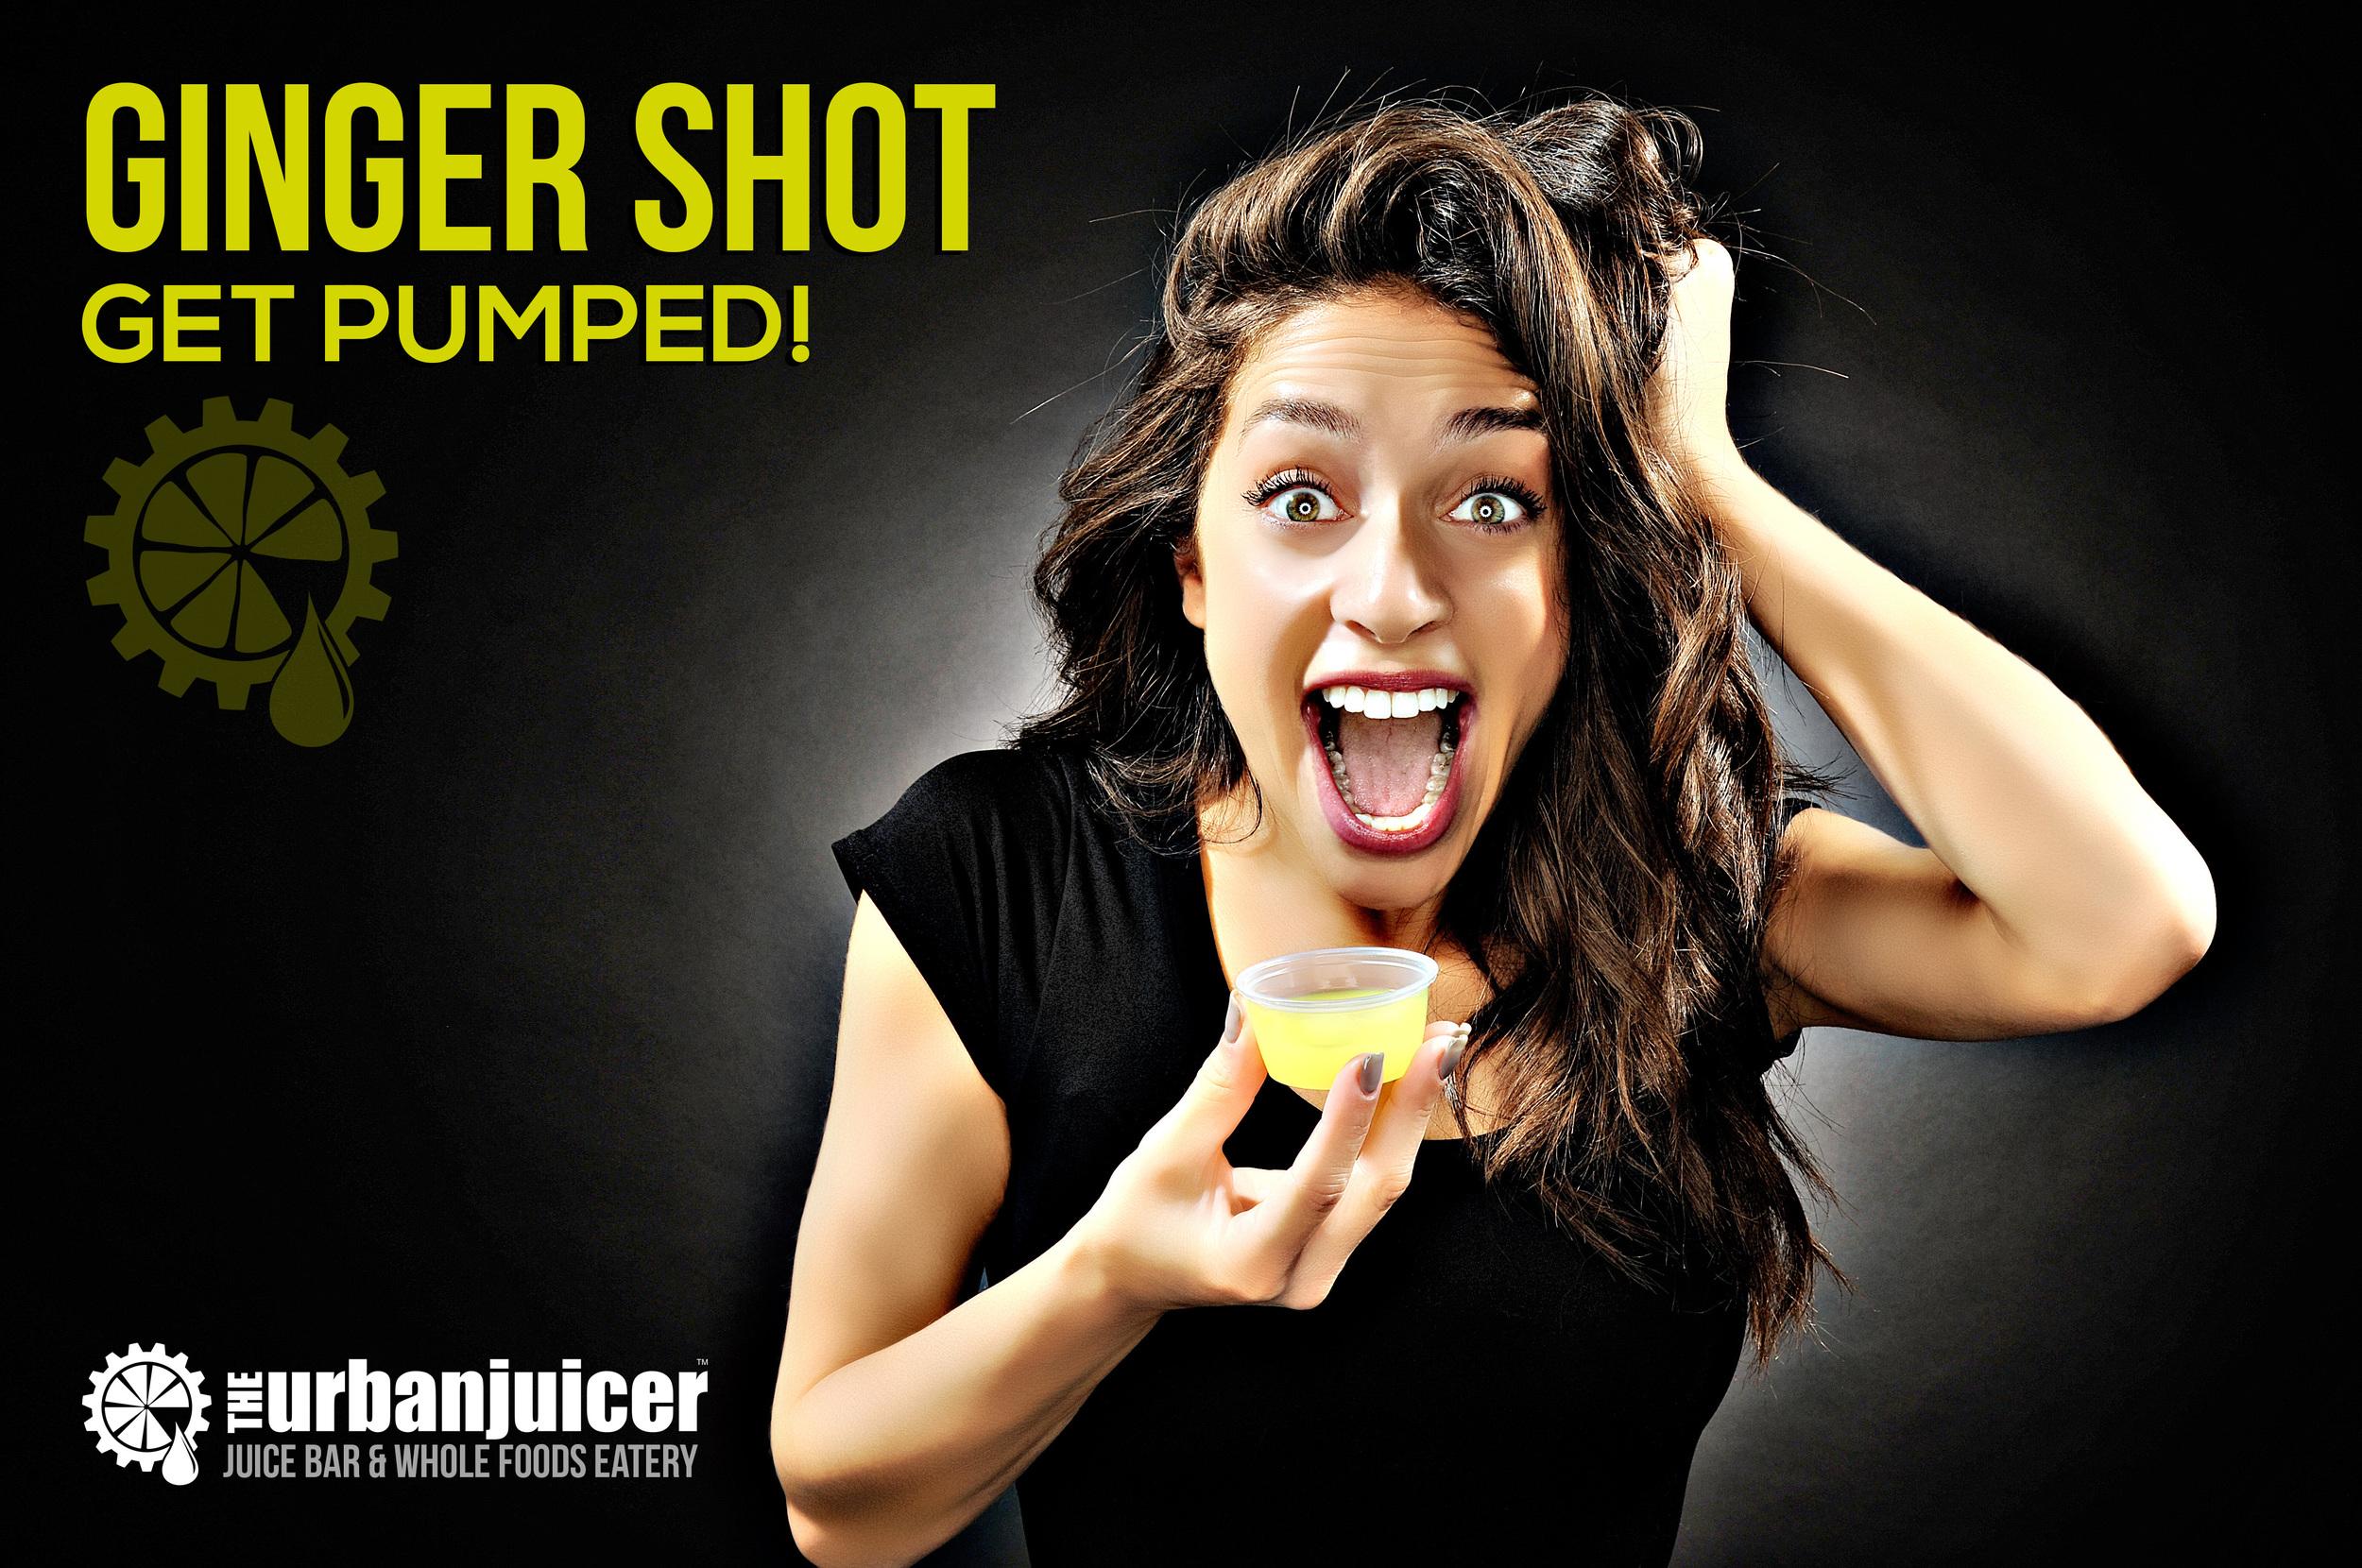 Lindsay-Ginger-Shot-Black-BG.jpg